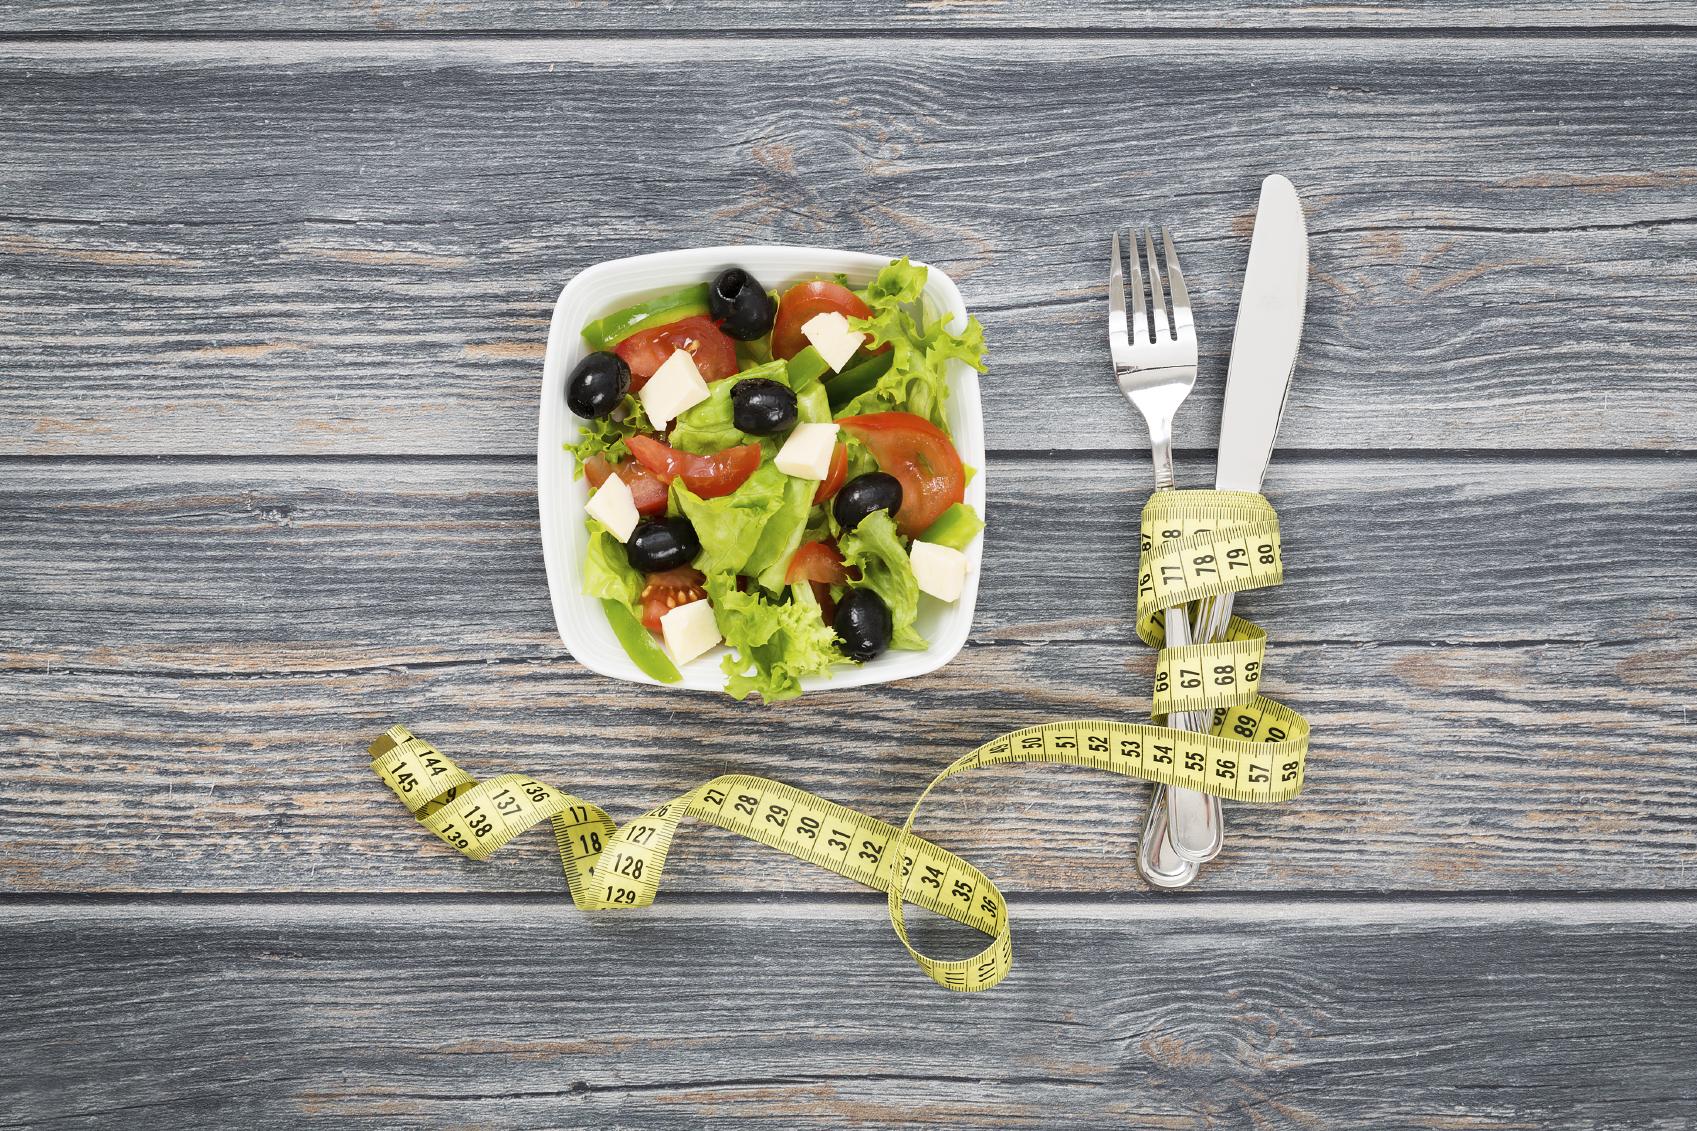 cosa fare per perdere peso velocemente e senza rimbalzia